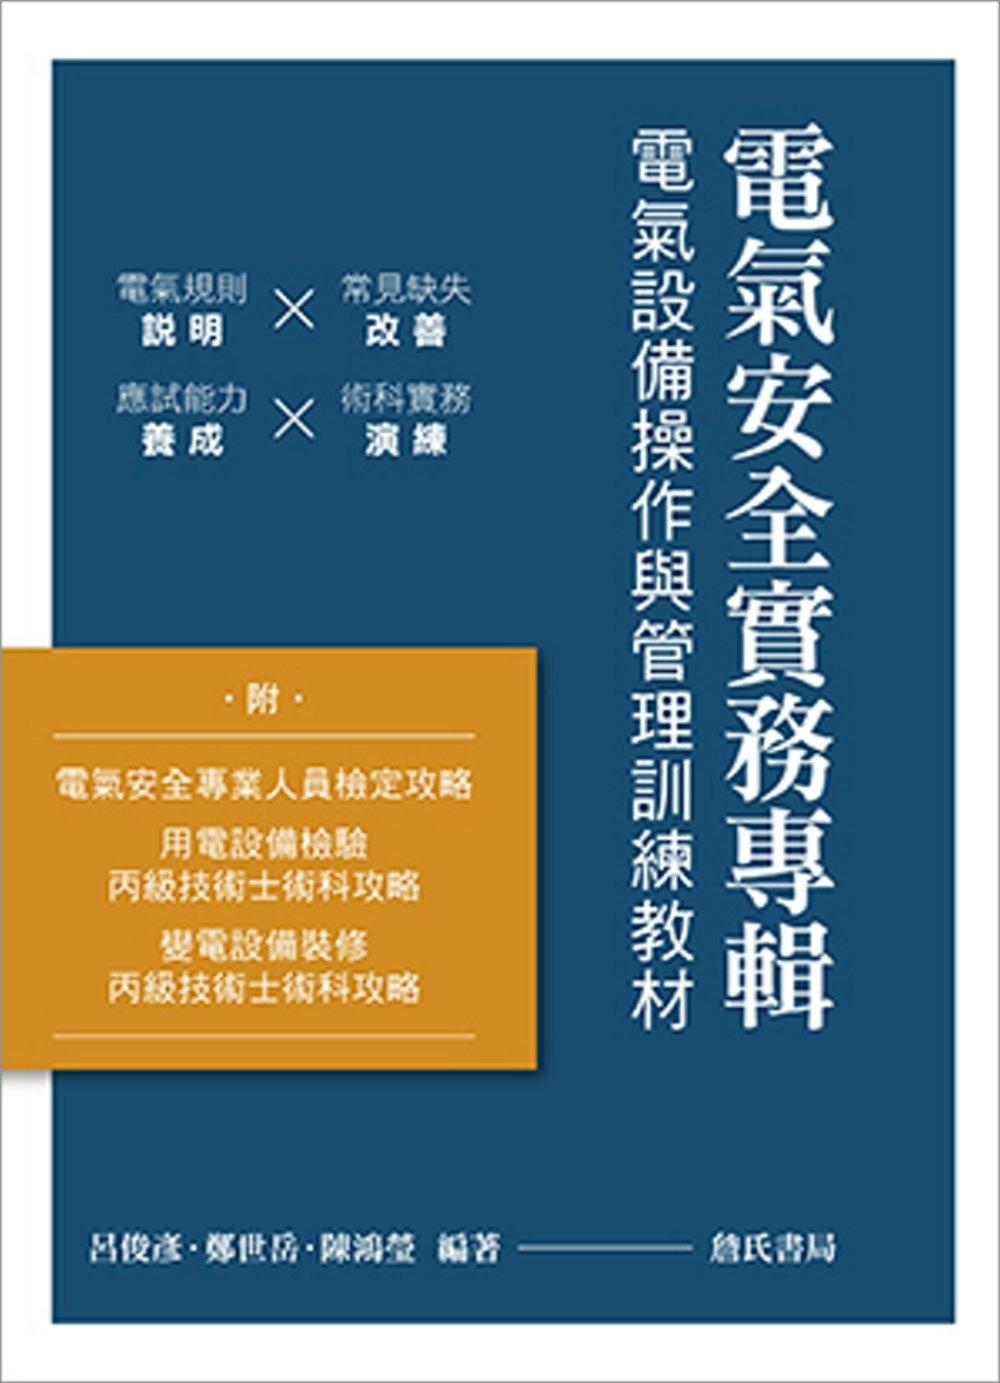 電氣安全實務專輯:電氣設備操作與管理訓練教材